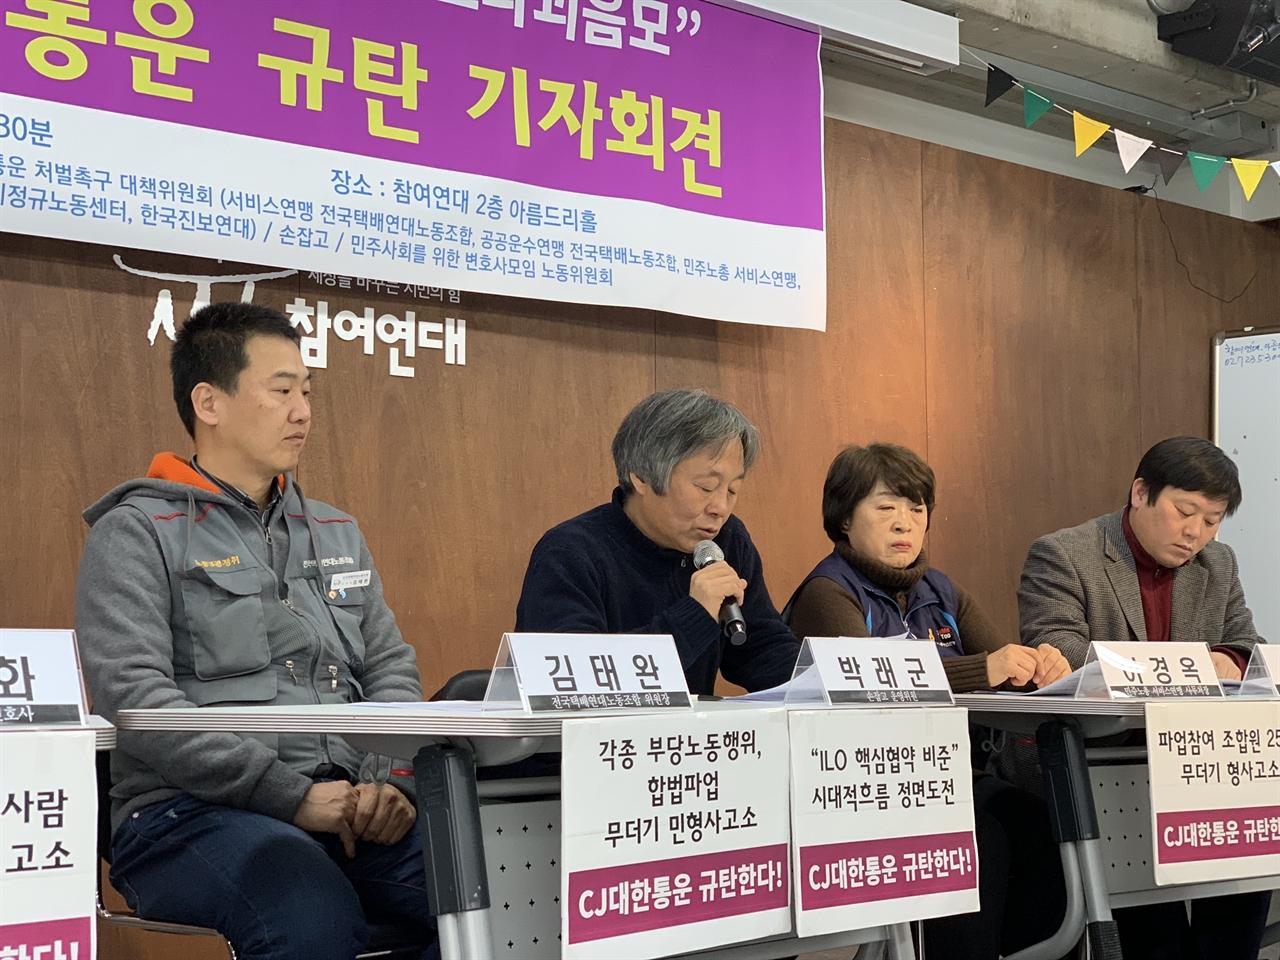 CJ대한통운 규탄 기자회견에 참석한 각계 시민단체 위원들